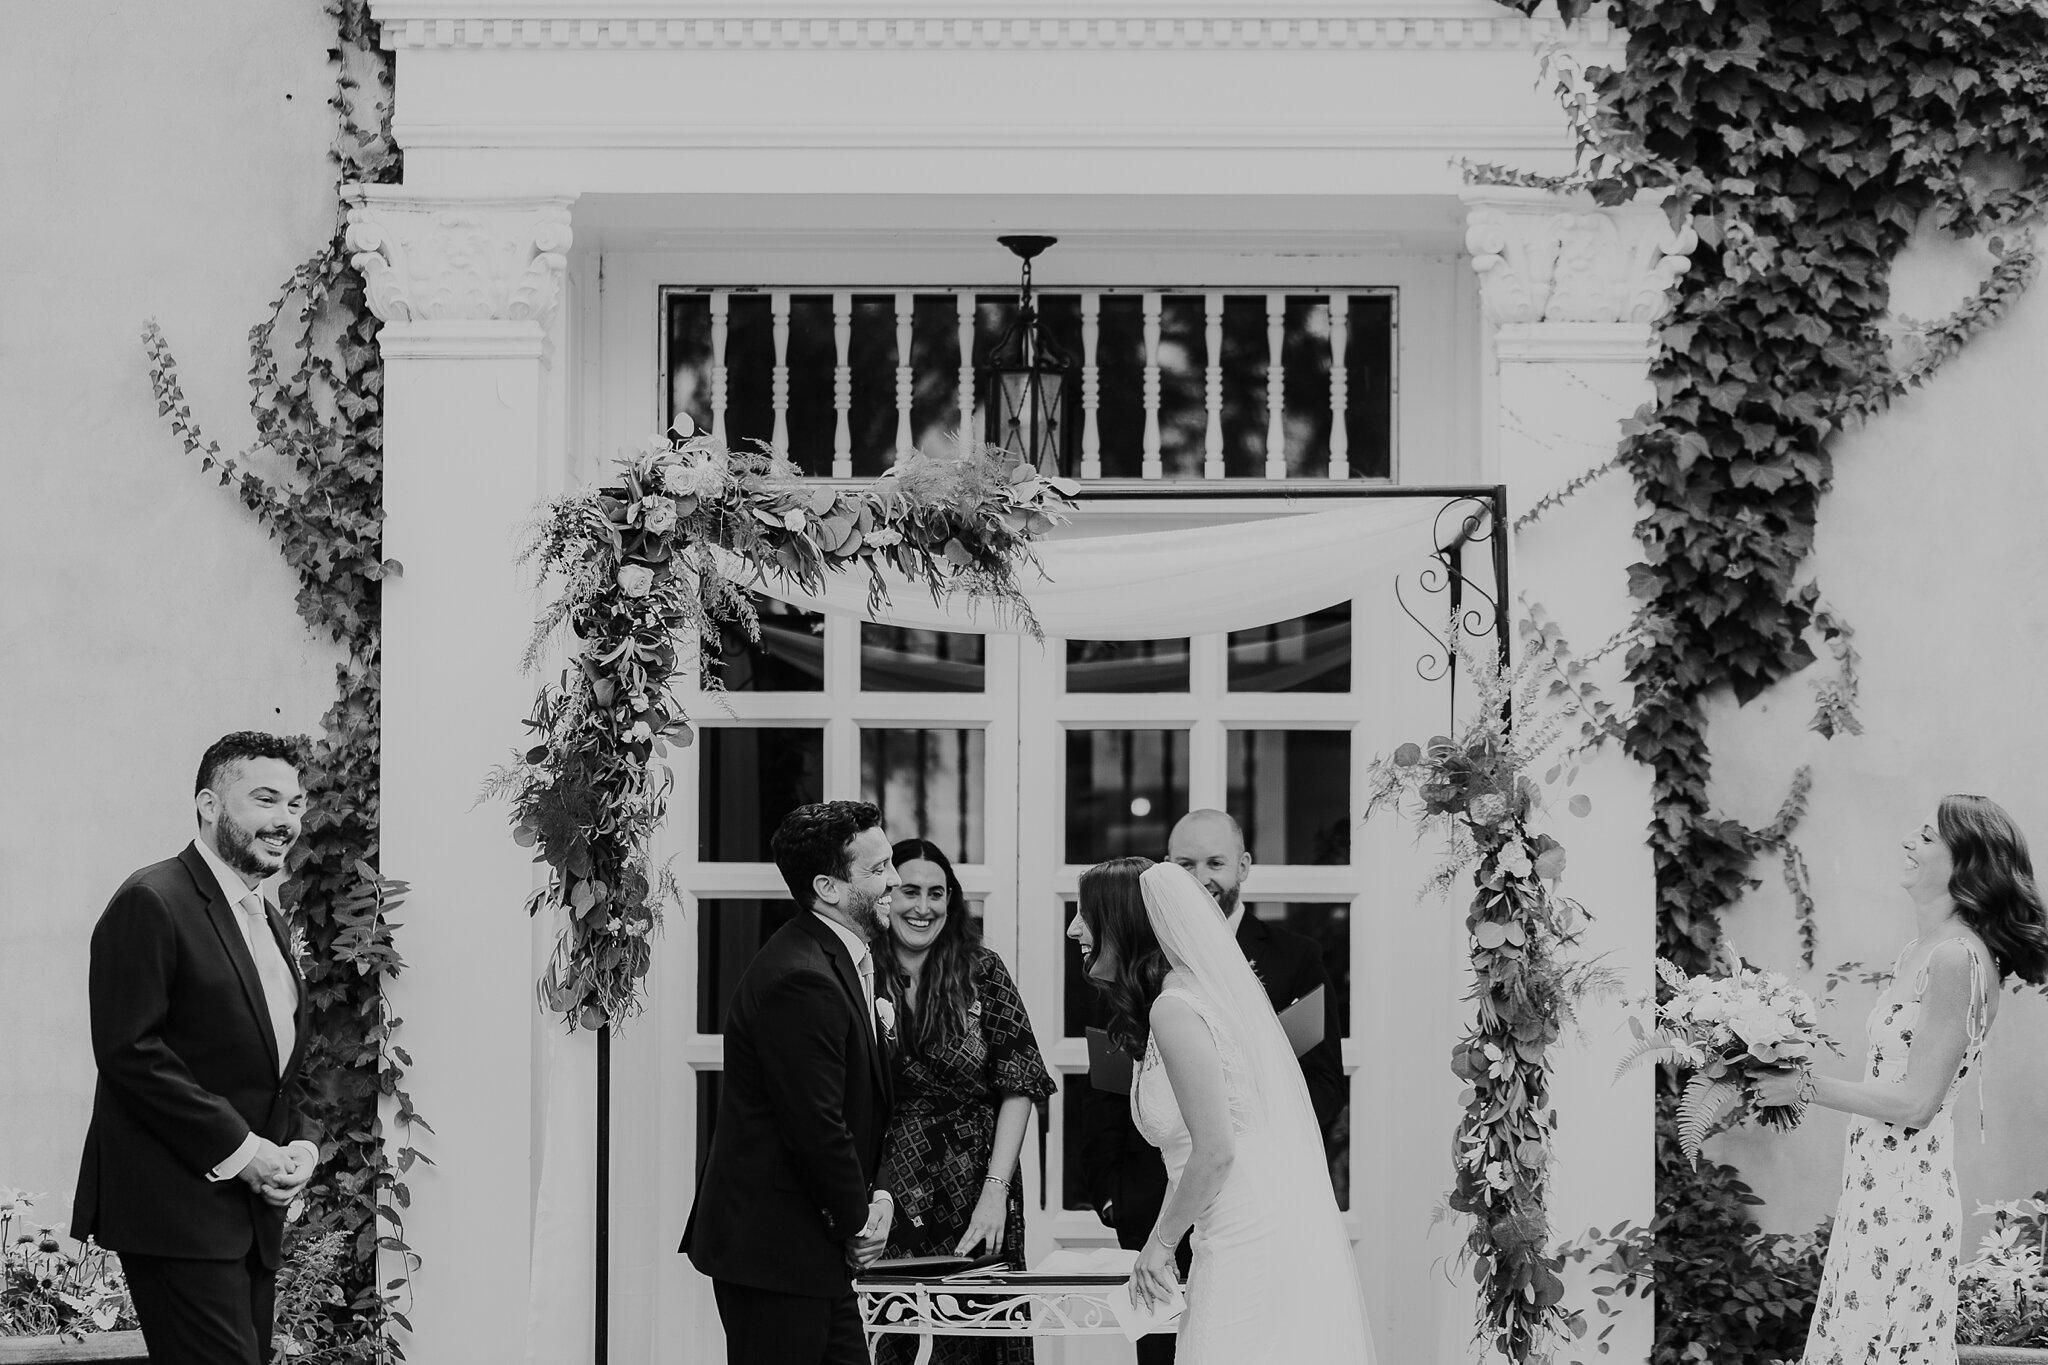 Alicia+lucia+photography+-+albuquerque+wedding+photographer+-+santa+fe+wedding+photography+-+new+mexico+wedding+photographer+-+new+mexico+wedding+-+wedding+-+albuquerque+wedding+-+los+poblanos+-+los+poblanos+wedding+-+fall+wedding_0062.jpg